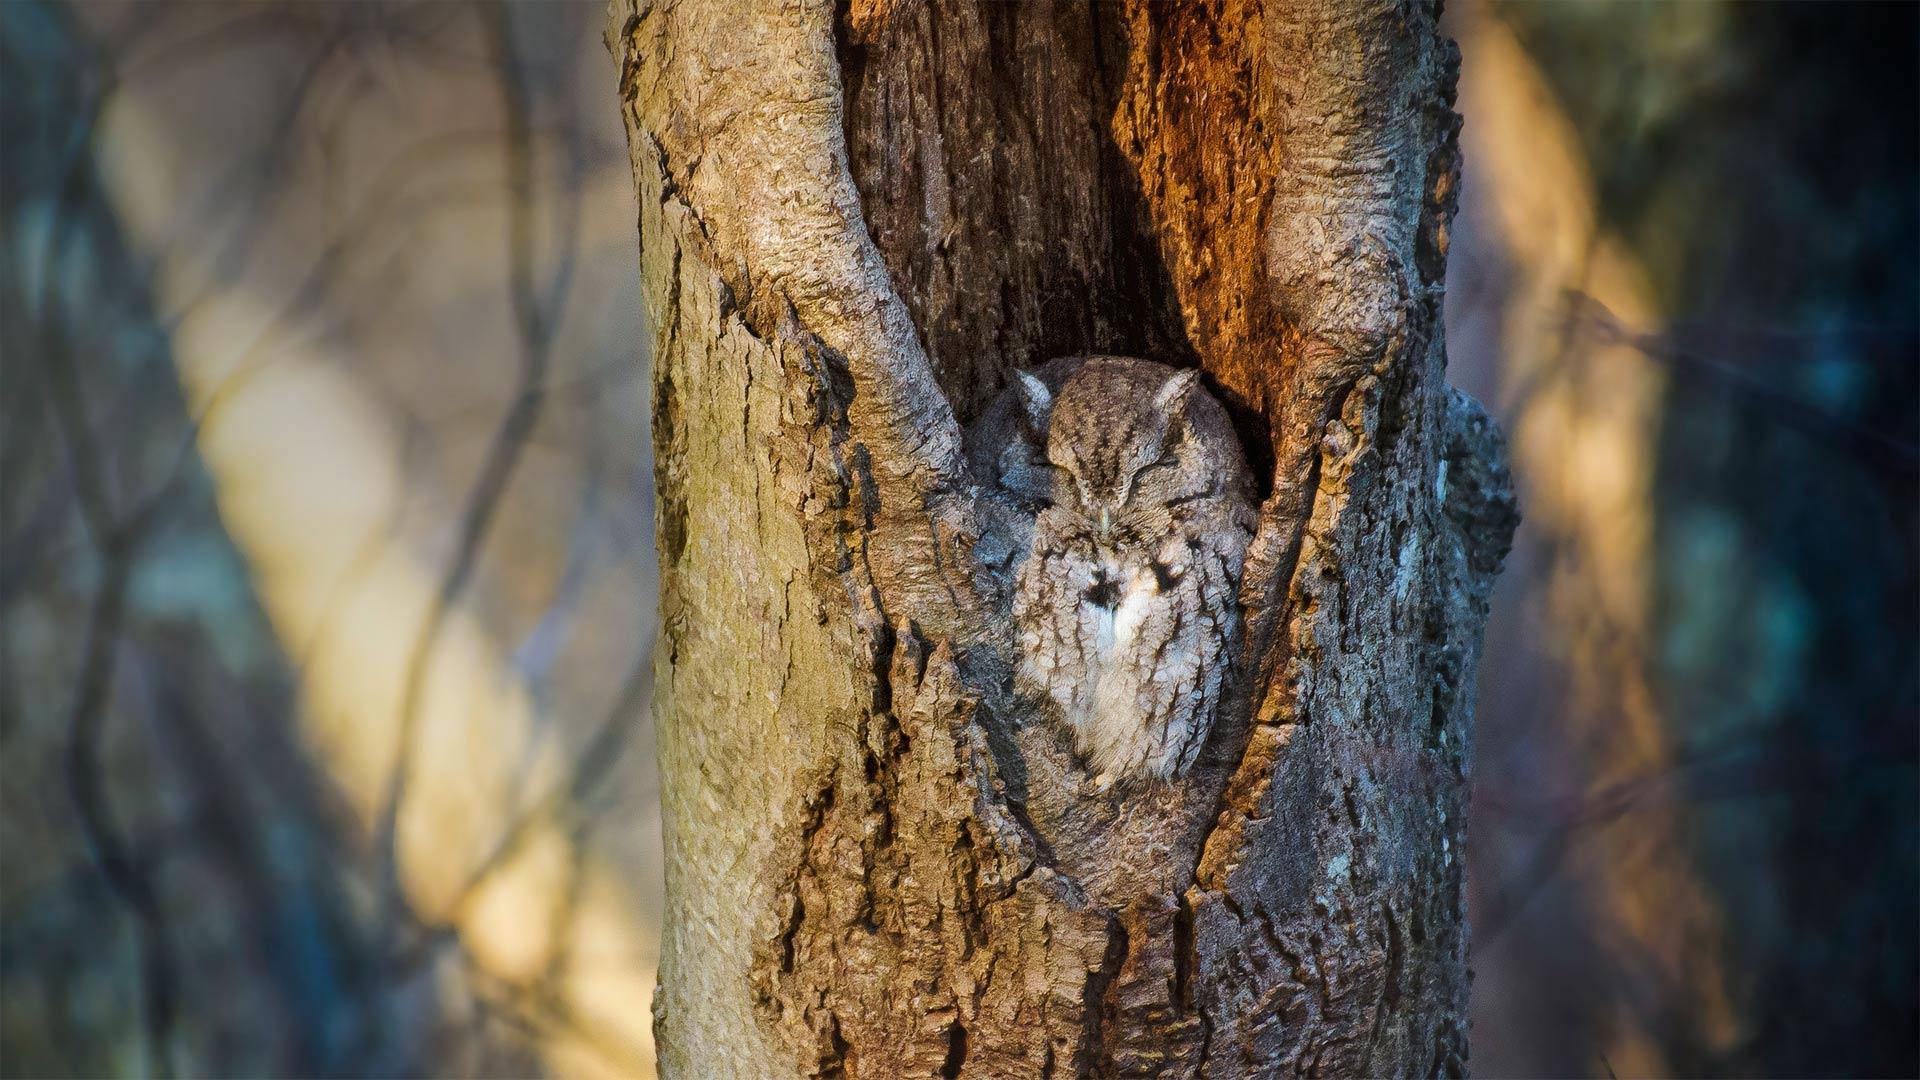 在树洞中休息的鸣角鸮,纽约马萨皮夸保护区